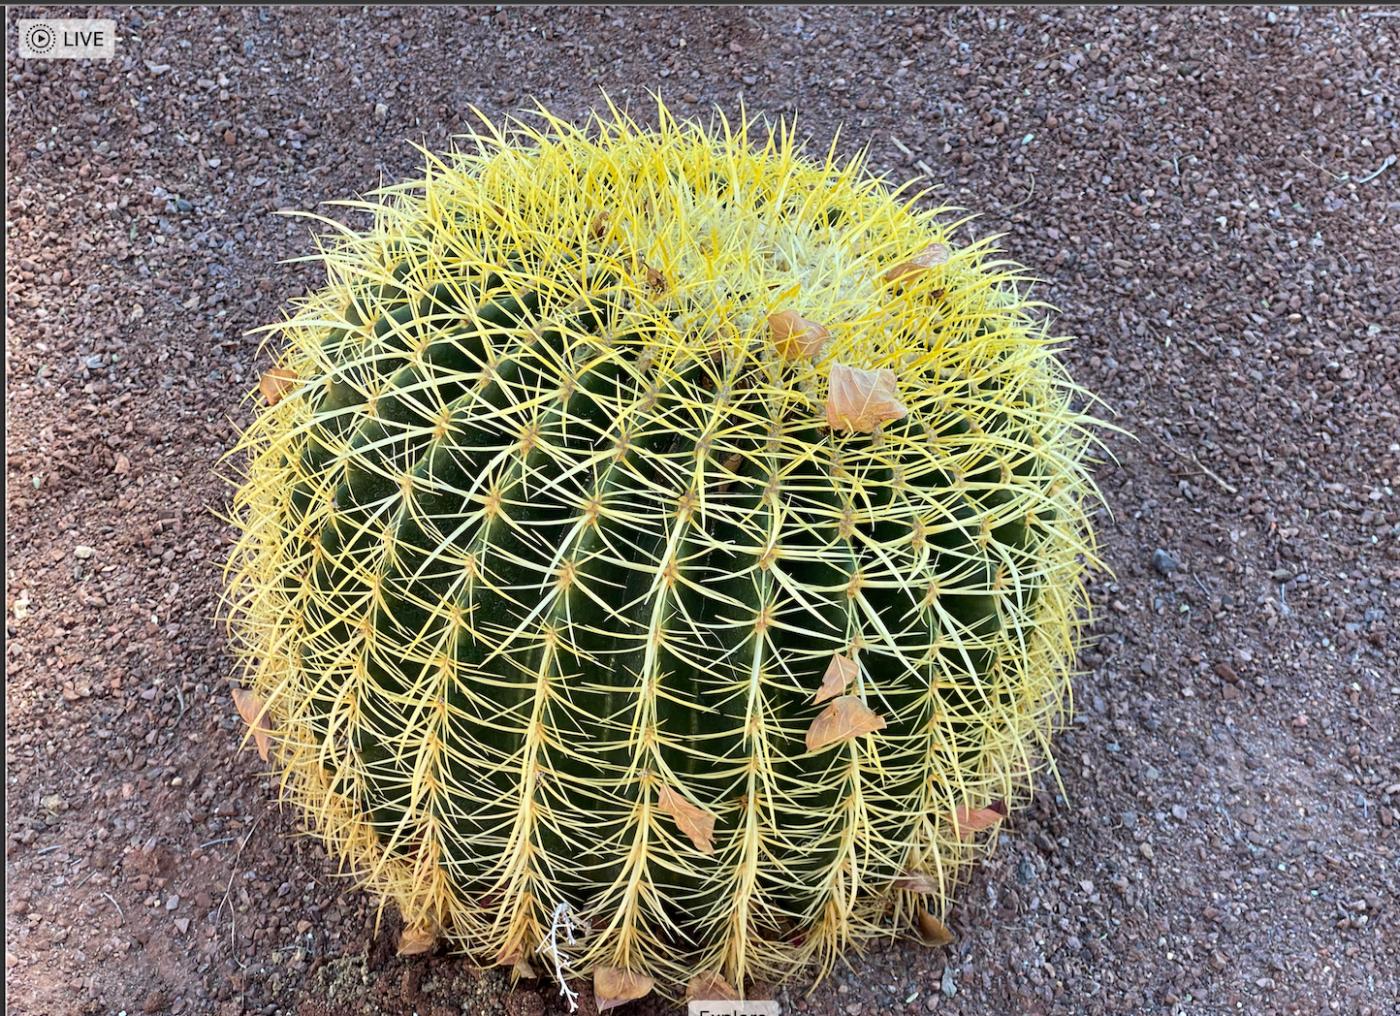 棕榈泉:沙漠中成长起来的美丽城市_图1-10